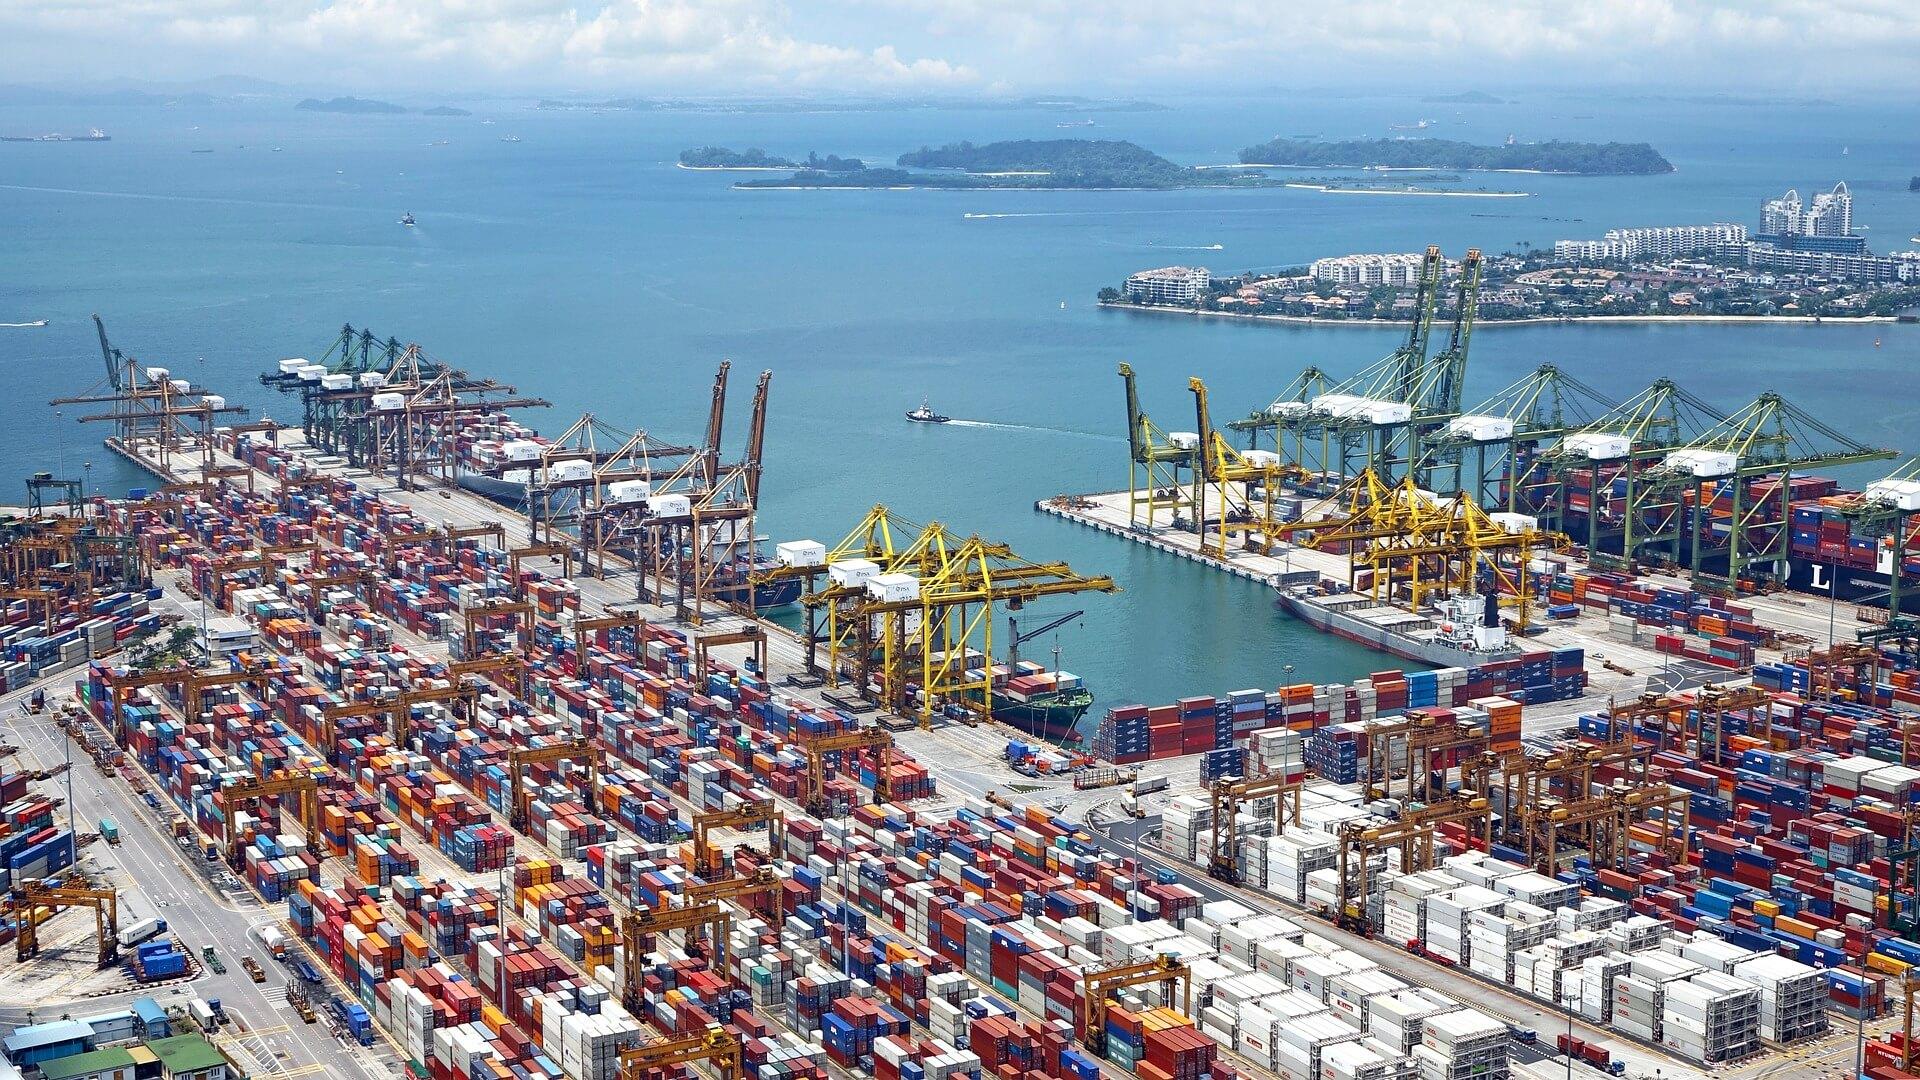 海外から商品を仕入れる「輸入ビジネス」の始め方